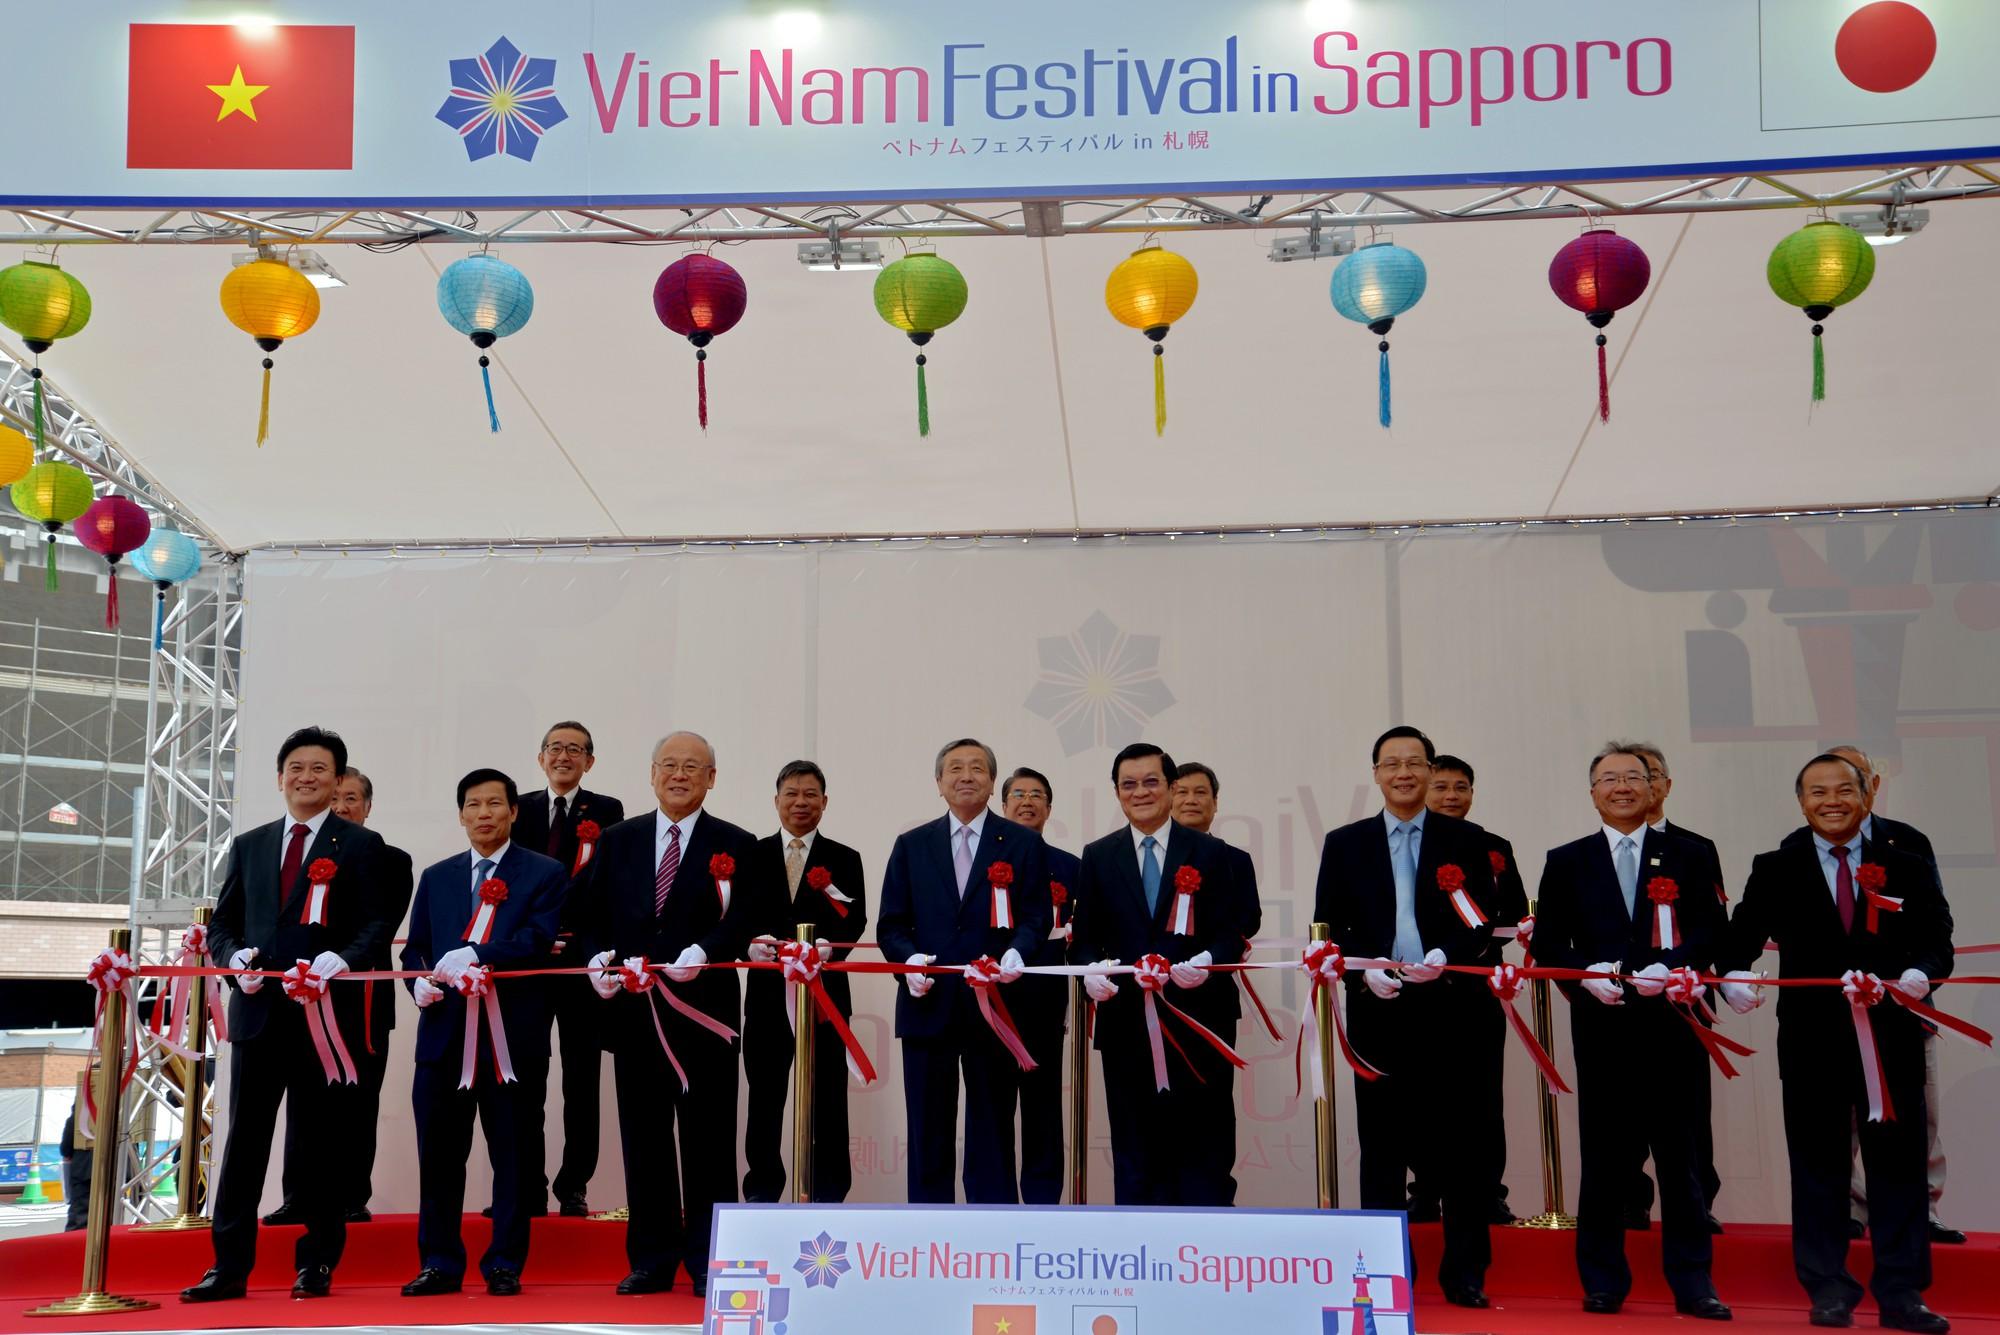 Lễ hội Việt Nam tại Sapporo năm 2019 lần thứ nhất - Ảnh 3.